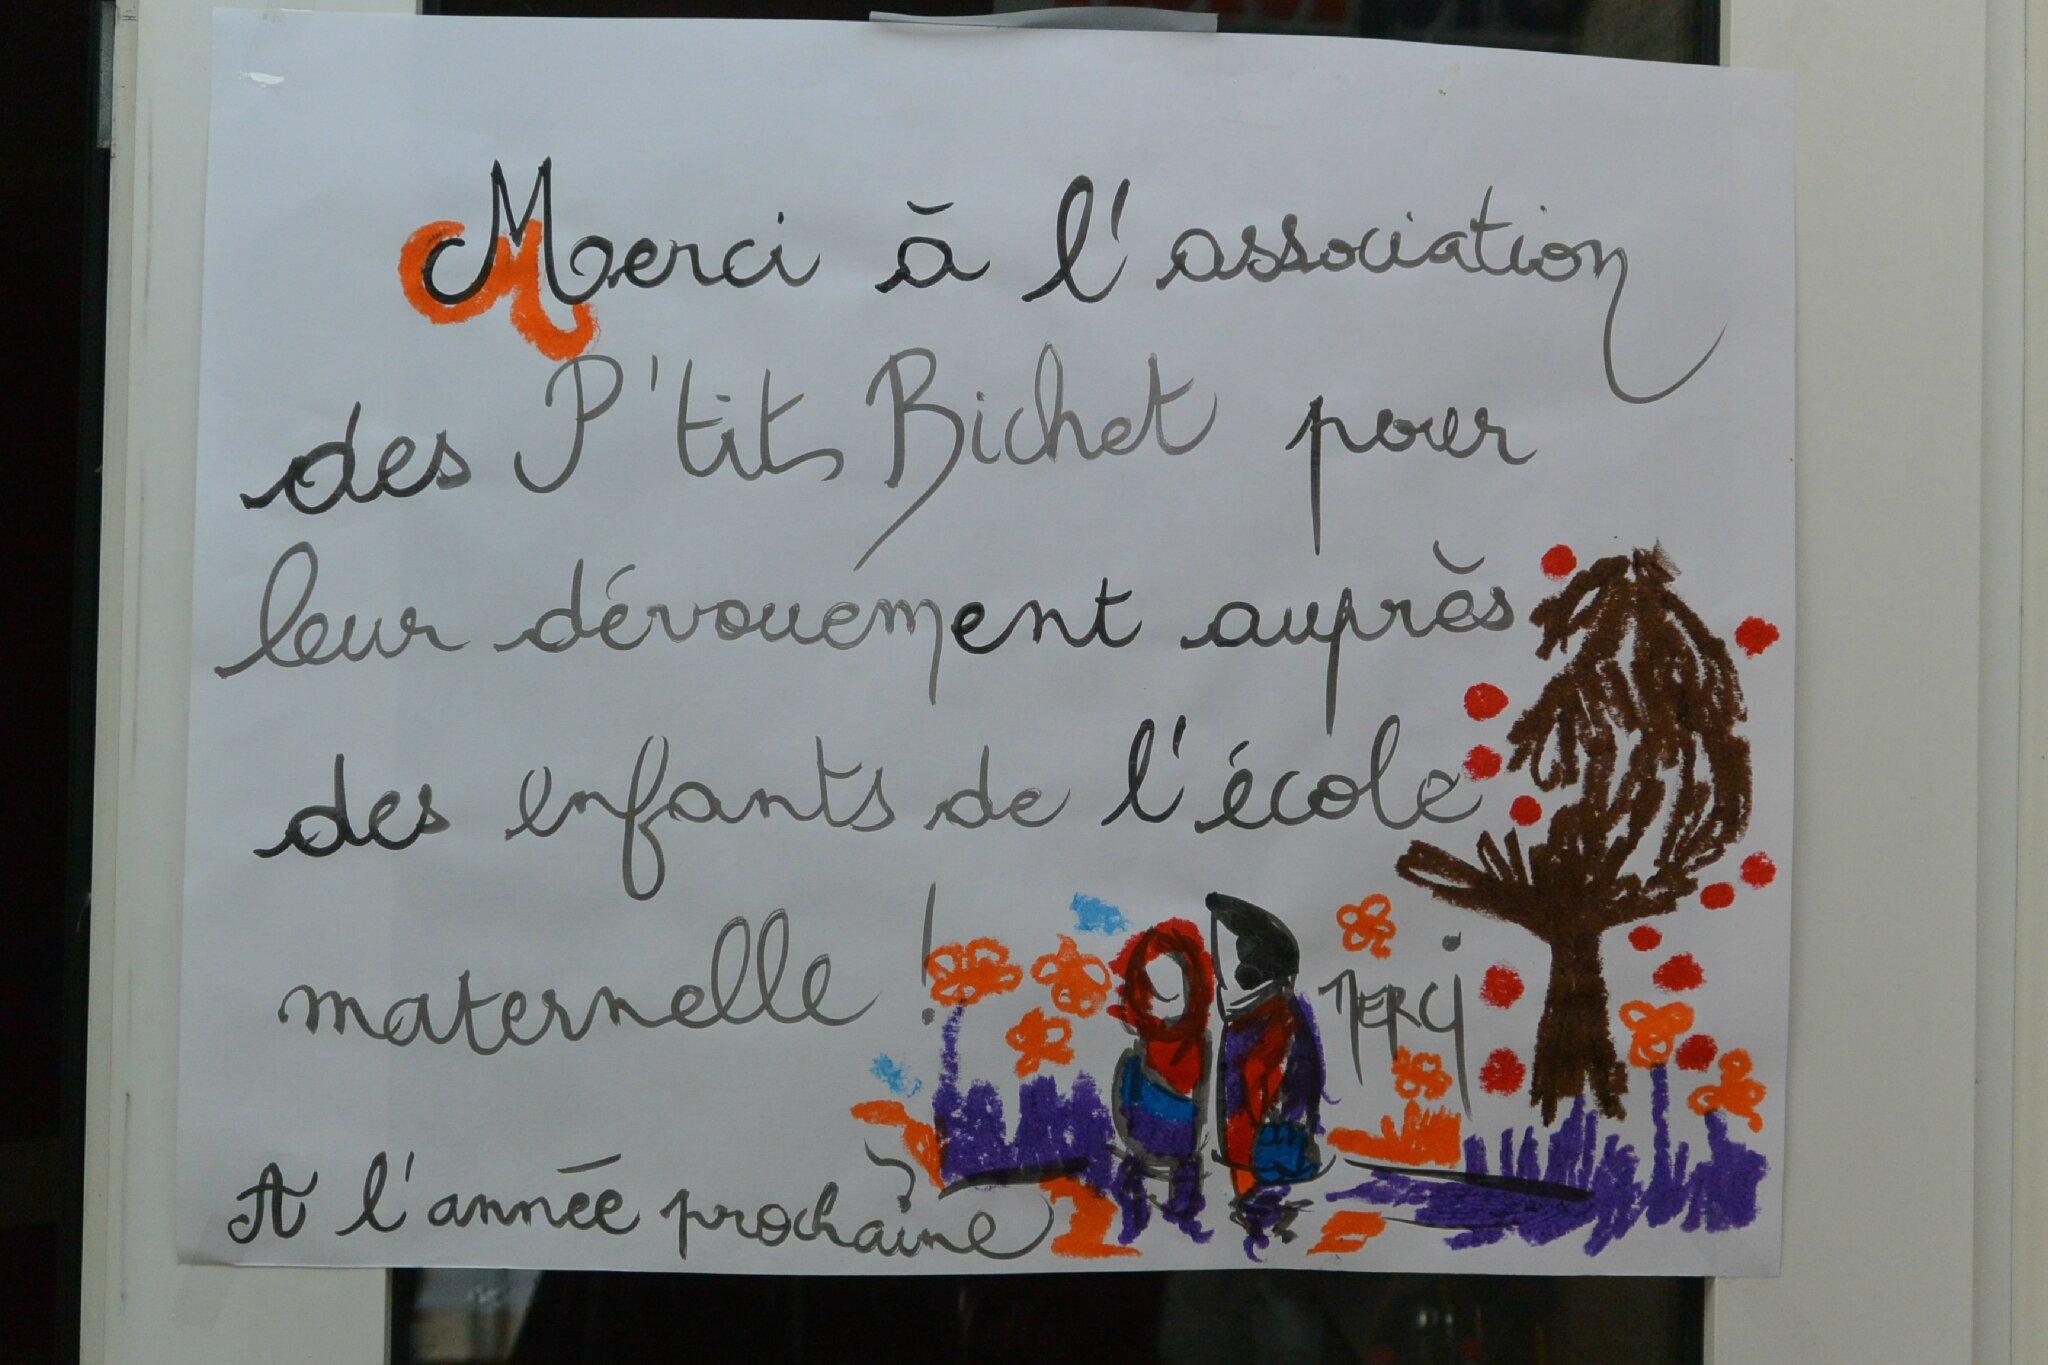 Remerciement Pour Maitresse D'Ecole Maternelle - Faire à Maitresse Ecole Maternelle